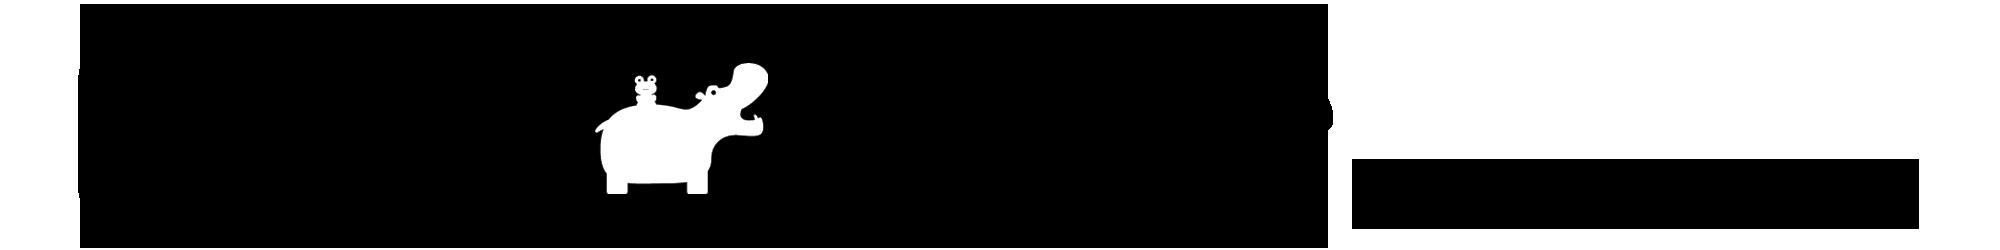 スマホケース・スマホカバー全機種対応のカエルんカバーロゴ